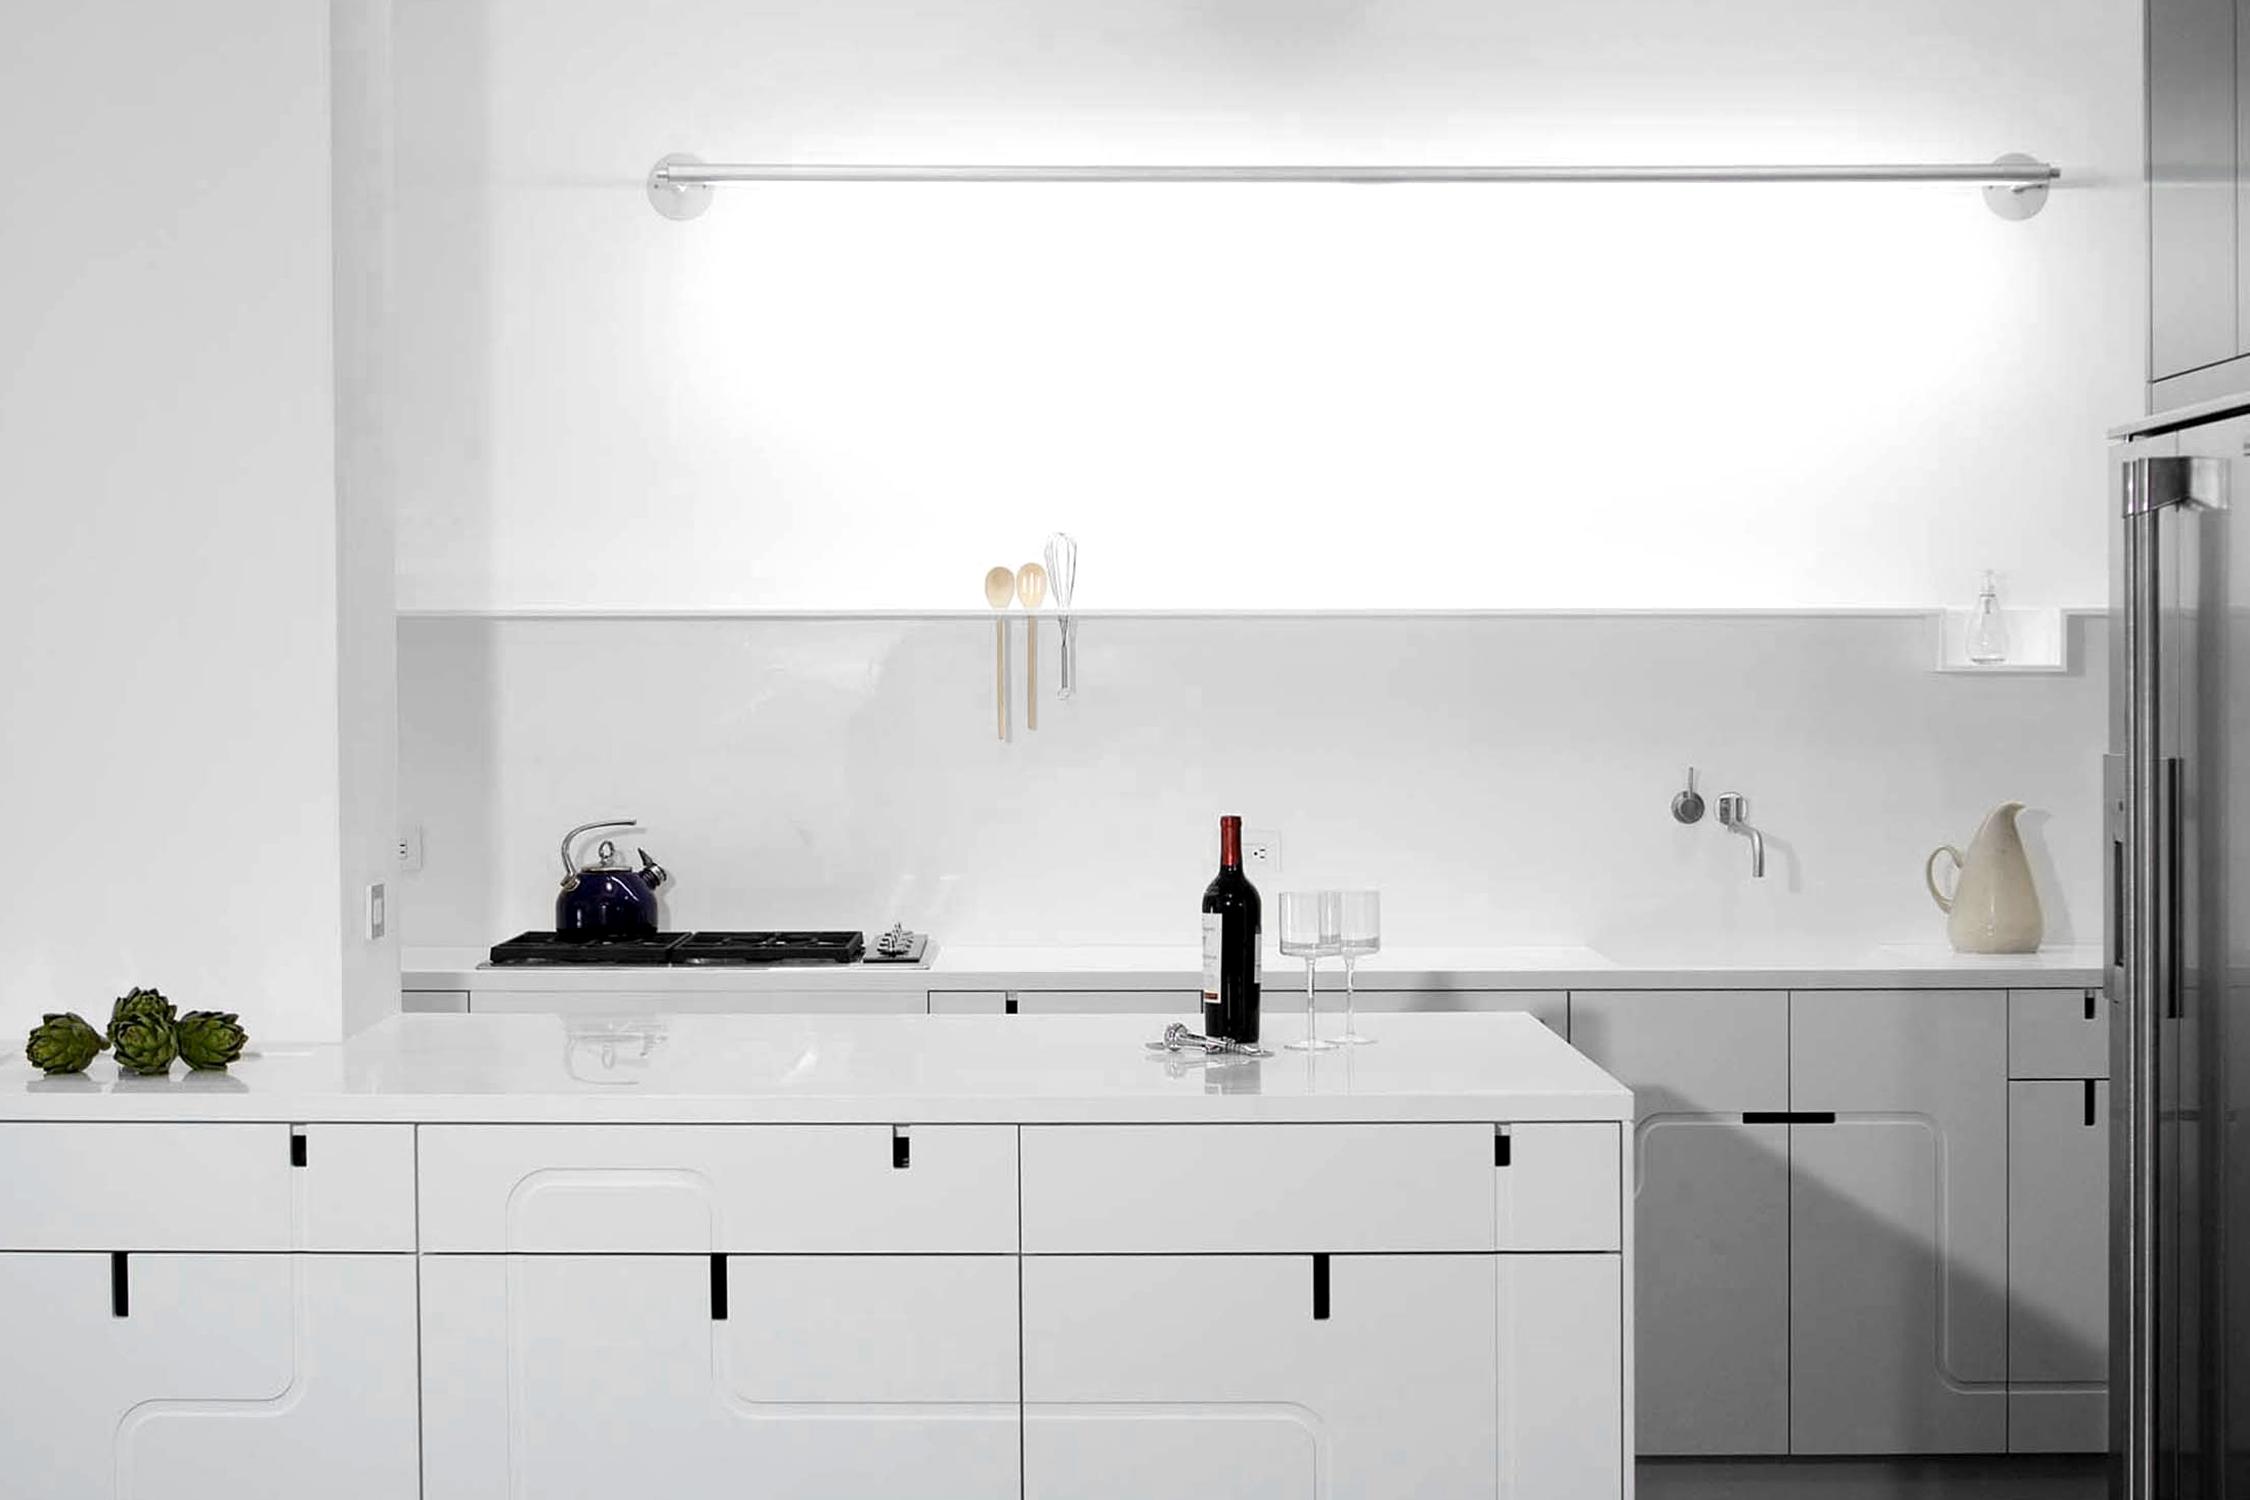 222 Kitchen